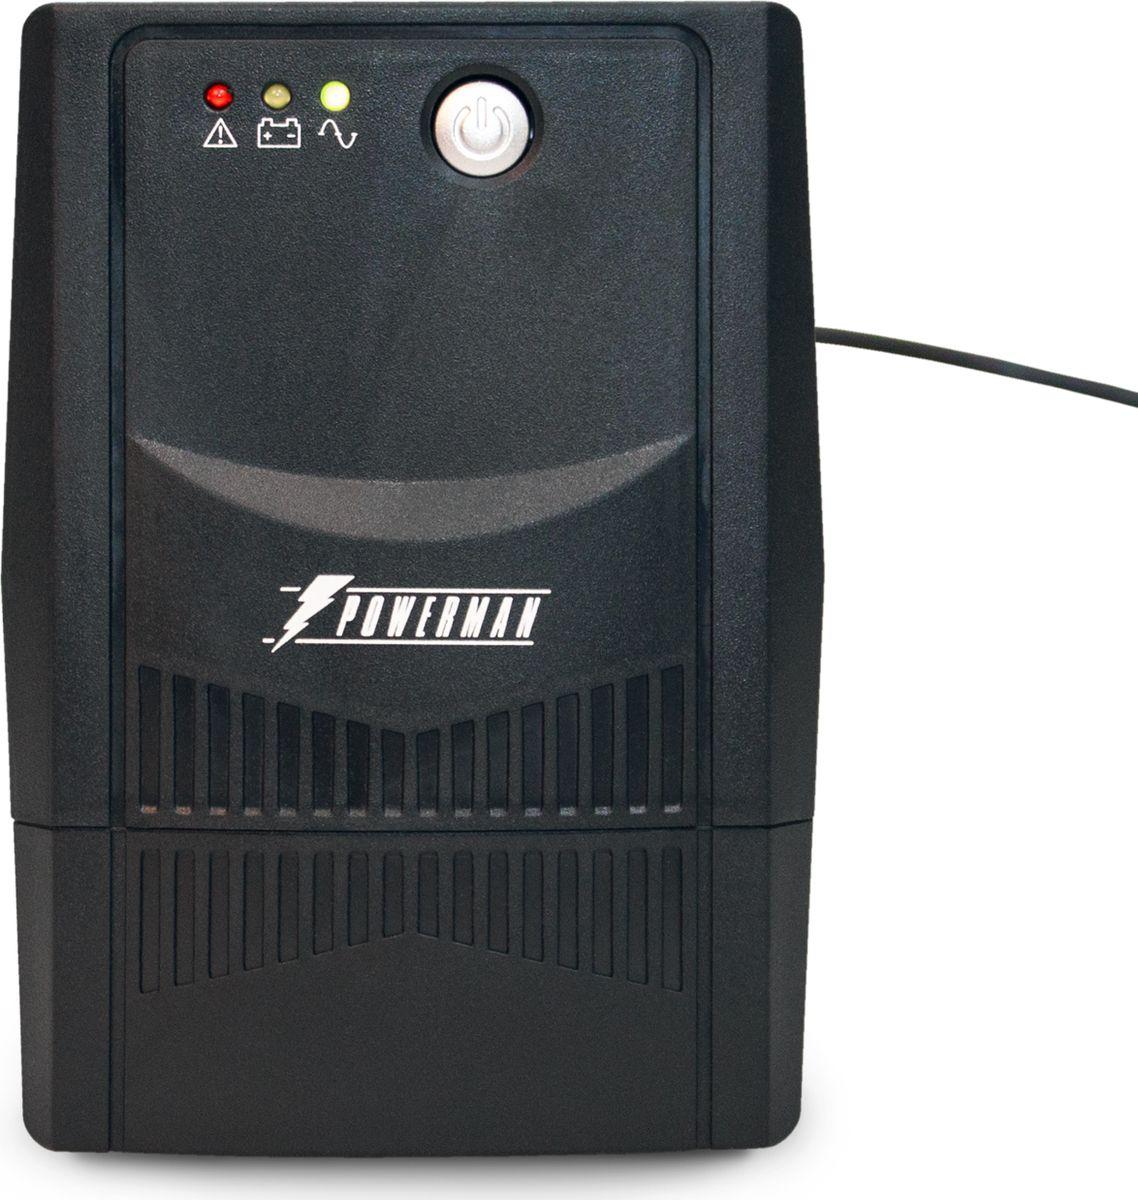 Источник бесперебойного питания Powerman UPS Вack Pro 800I Plus (IEC320), 800 ВА6120414POWERMAN Back Pro 800I Plus (IEC320) - линейно-интерактивный ИБП мощностью 800ВА. Обеспечит надежную защиту ПК, рабочей станции, небольшого сервера, коммуникационного оборудования либо другой нагрузки небольшой мощности с импульсным блоком питания при полном отключении электросети, а также при работе сети с отклонениями от нормы: пониженным либо повышенным уровнем напряжения, наличием импульсных и высокочастотных помех.